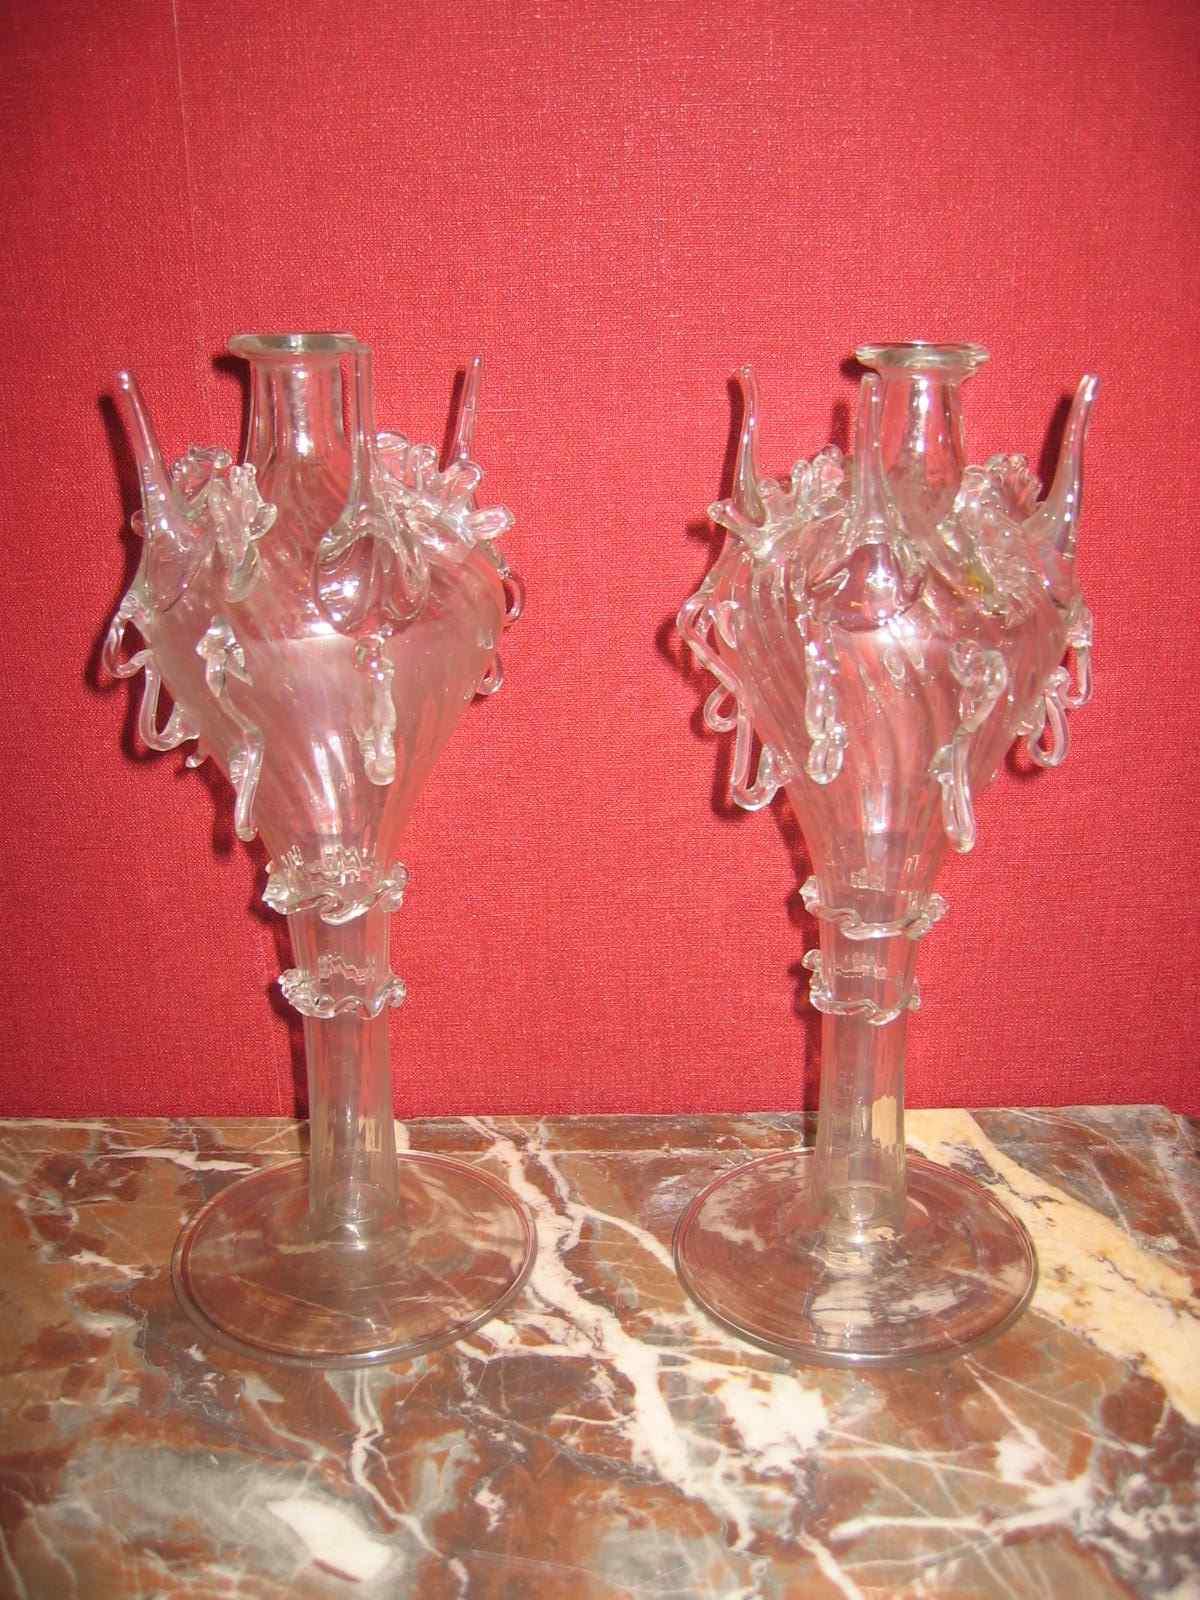 Almorratxa aspersoirs à eau de rose  verre soufflé Catalogne